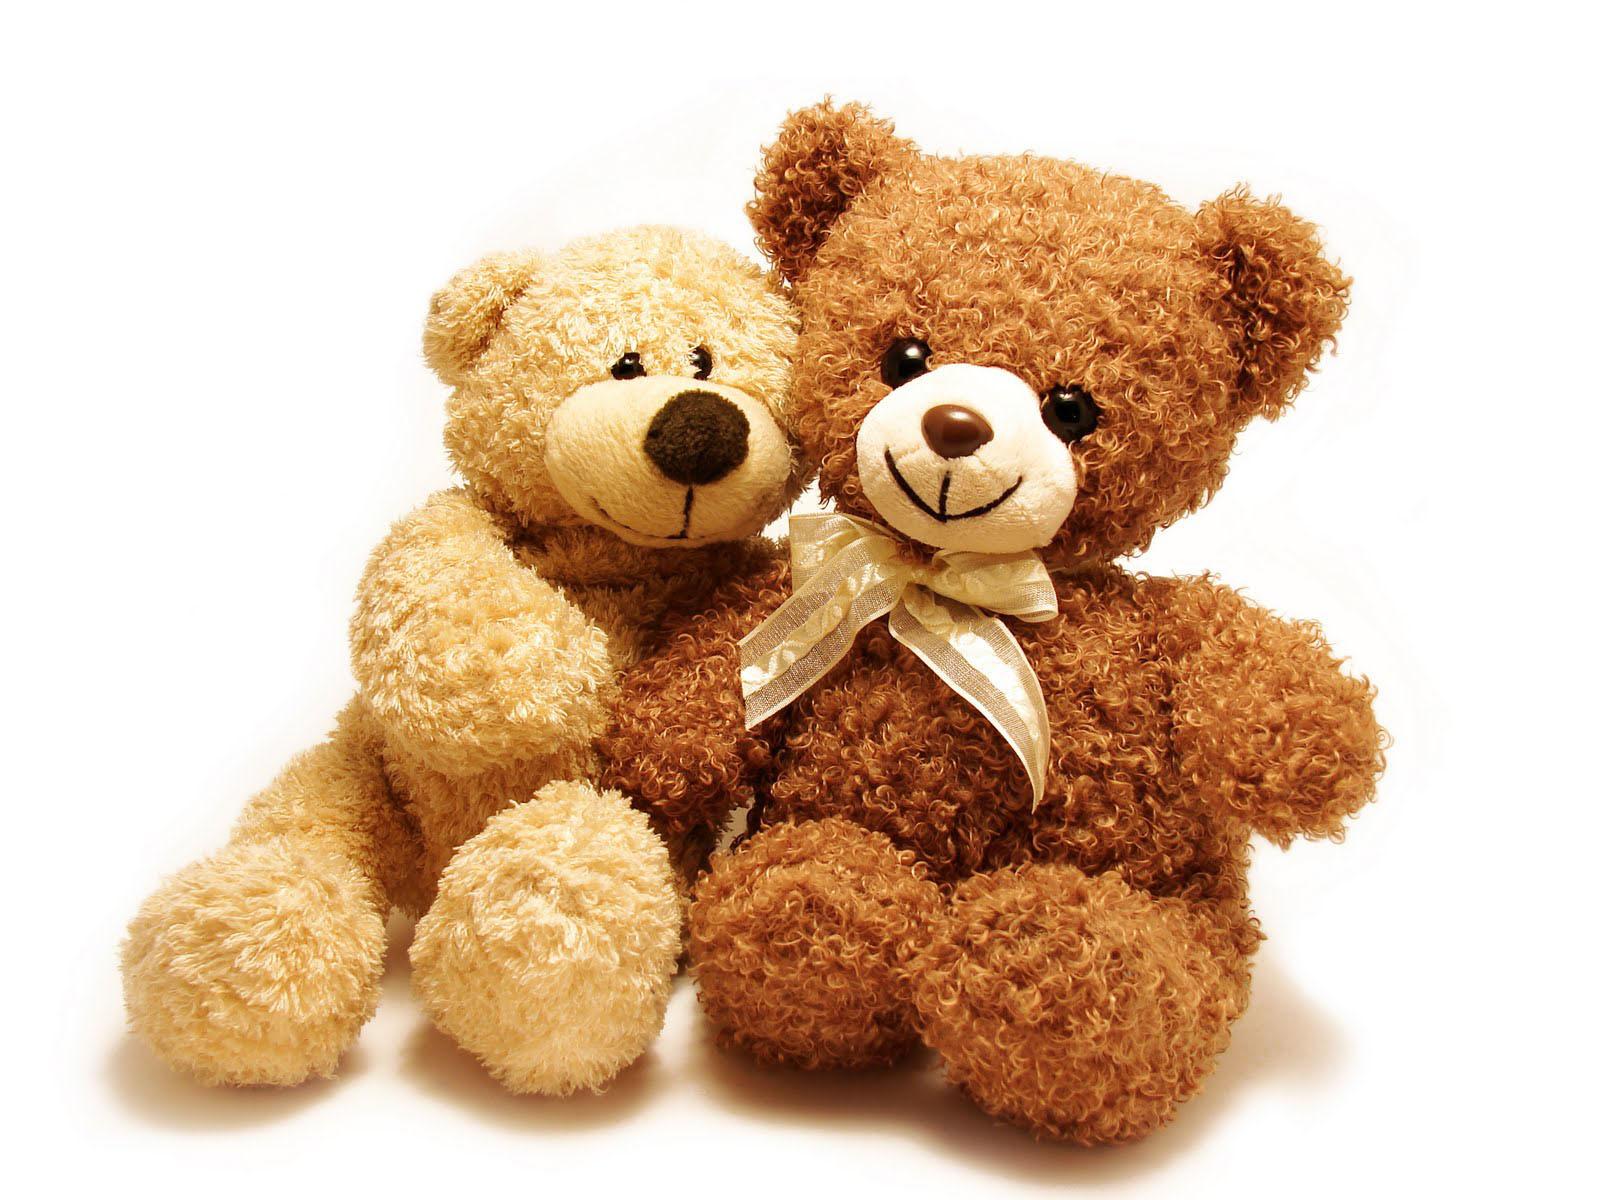 I Love Teddy Bear Wallpaper